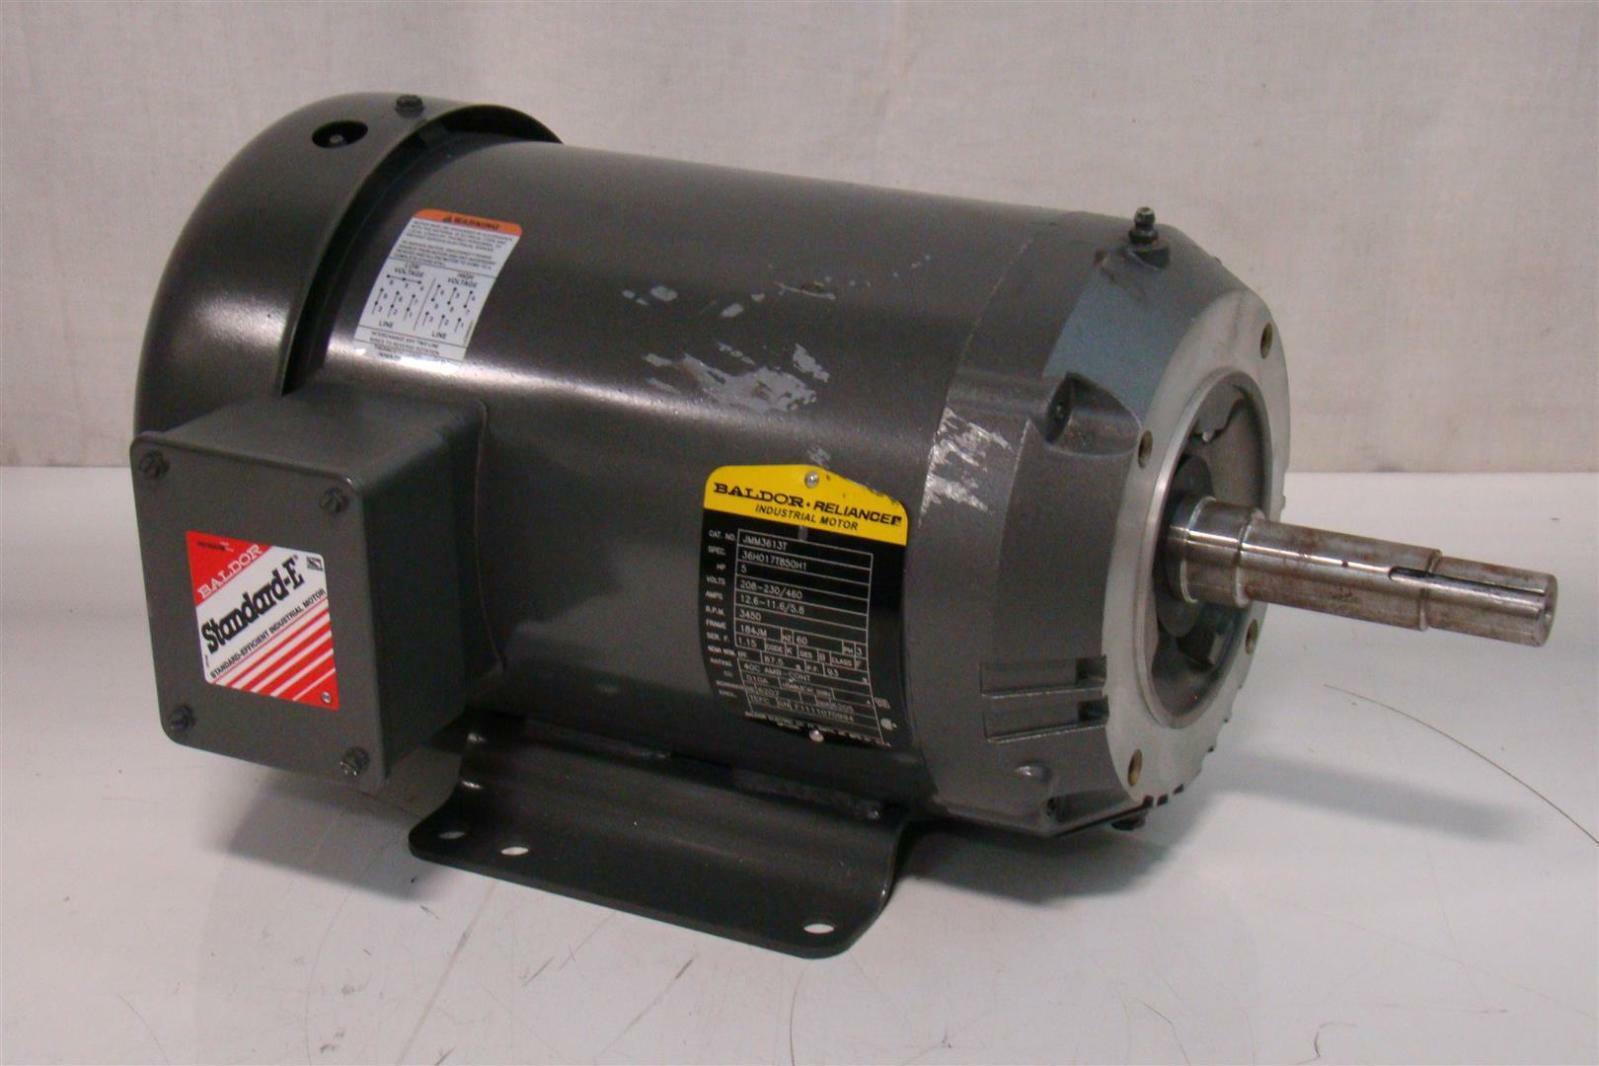 Baldor reliancer 5hp motor 230 460v 13 6 6 8a 1745rpm 3ph for Baldor reliance motor parts